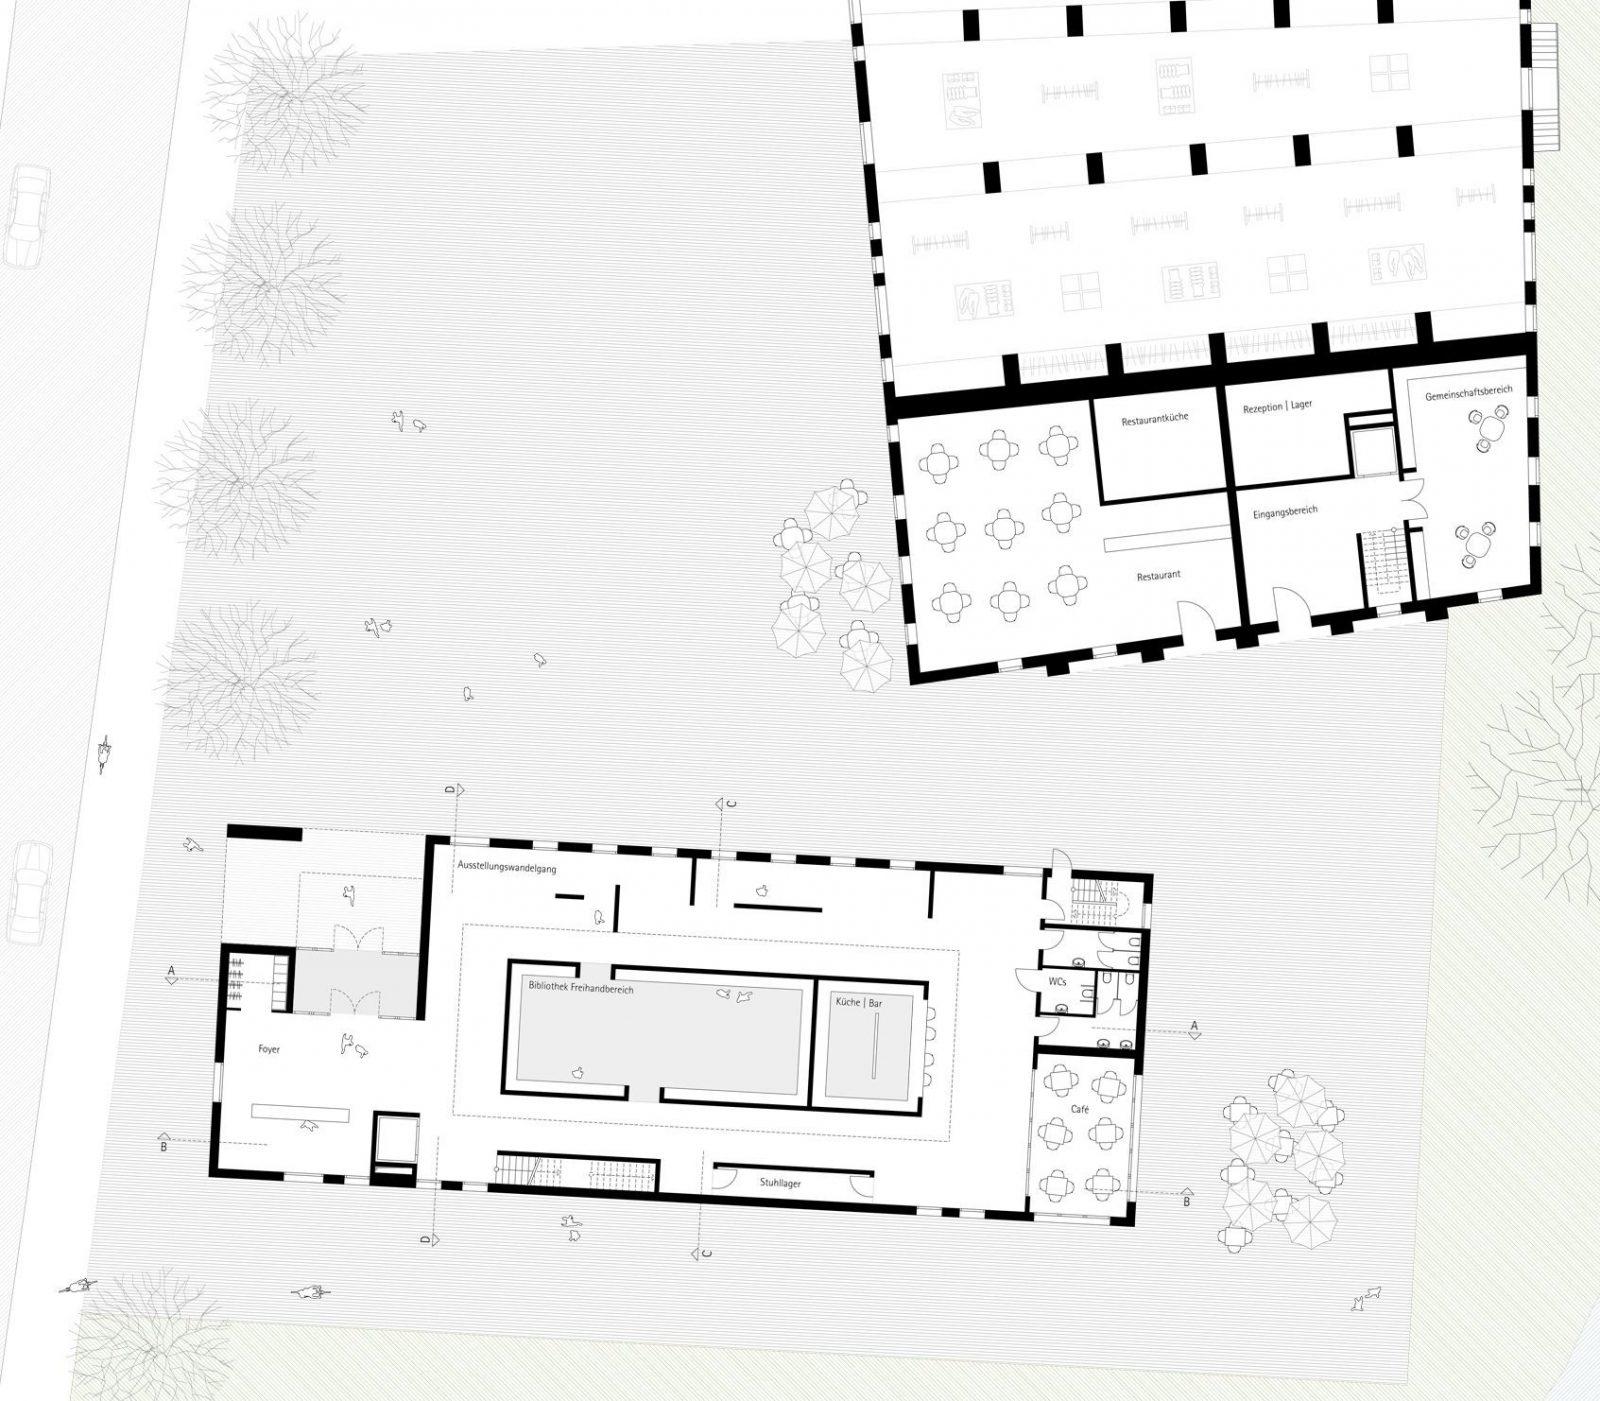 Grundriss Erdgeschoss zum Schriftstellerkolleg in Luebeck